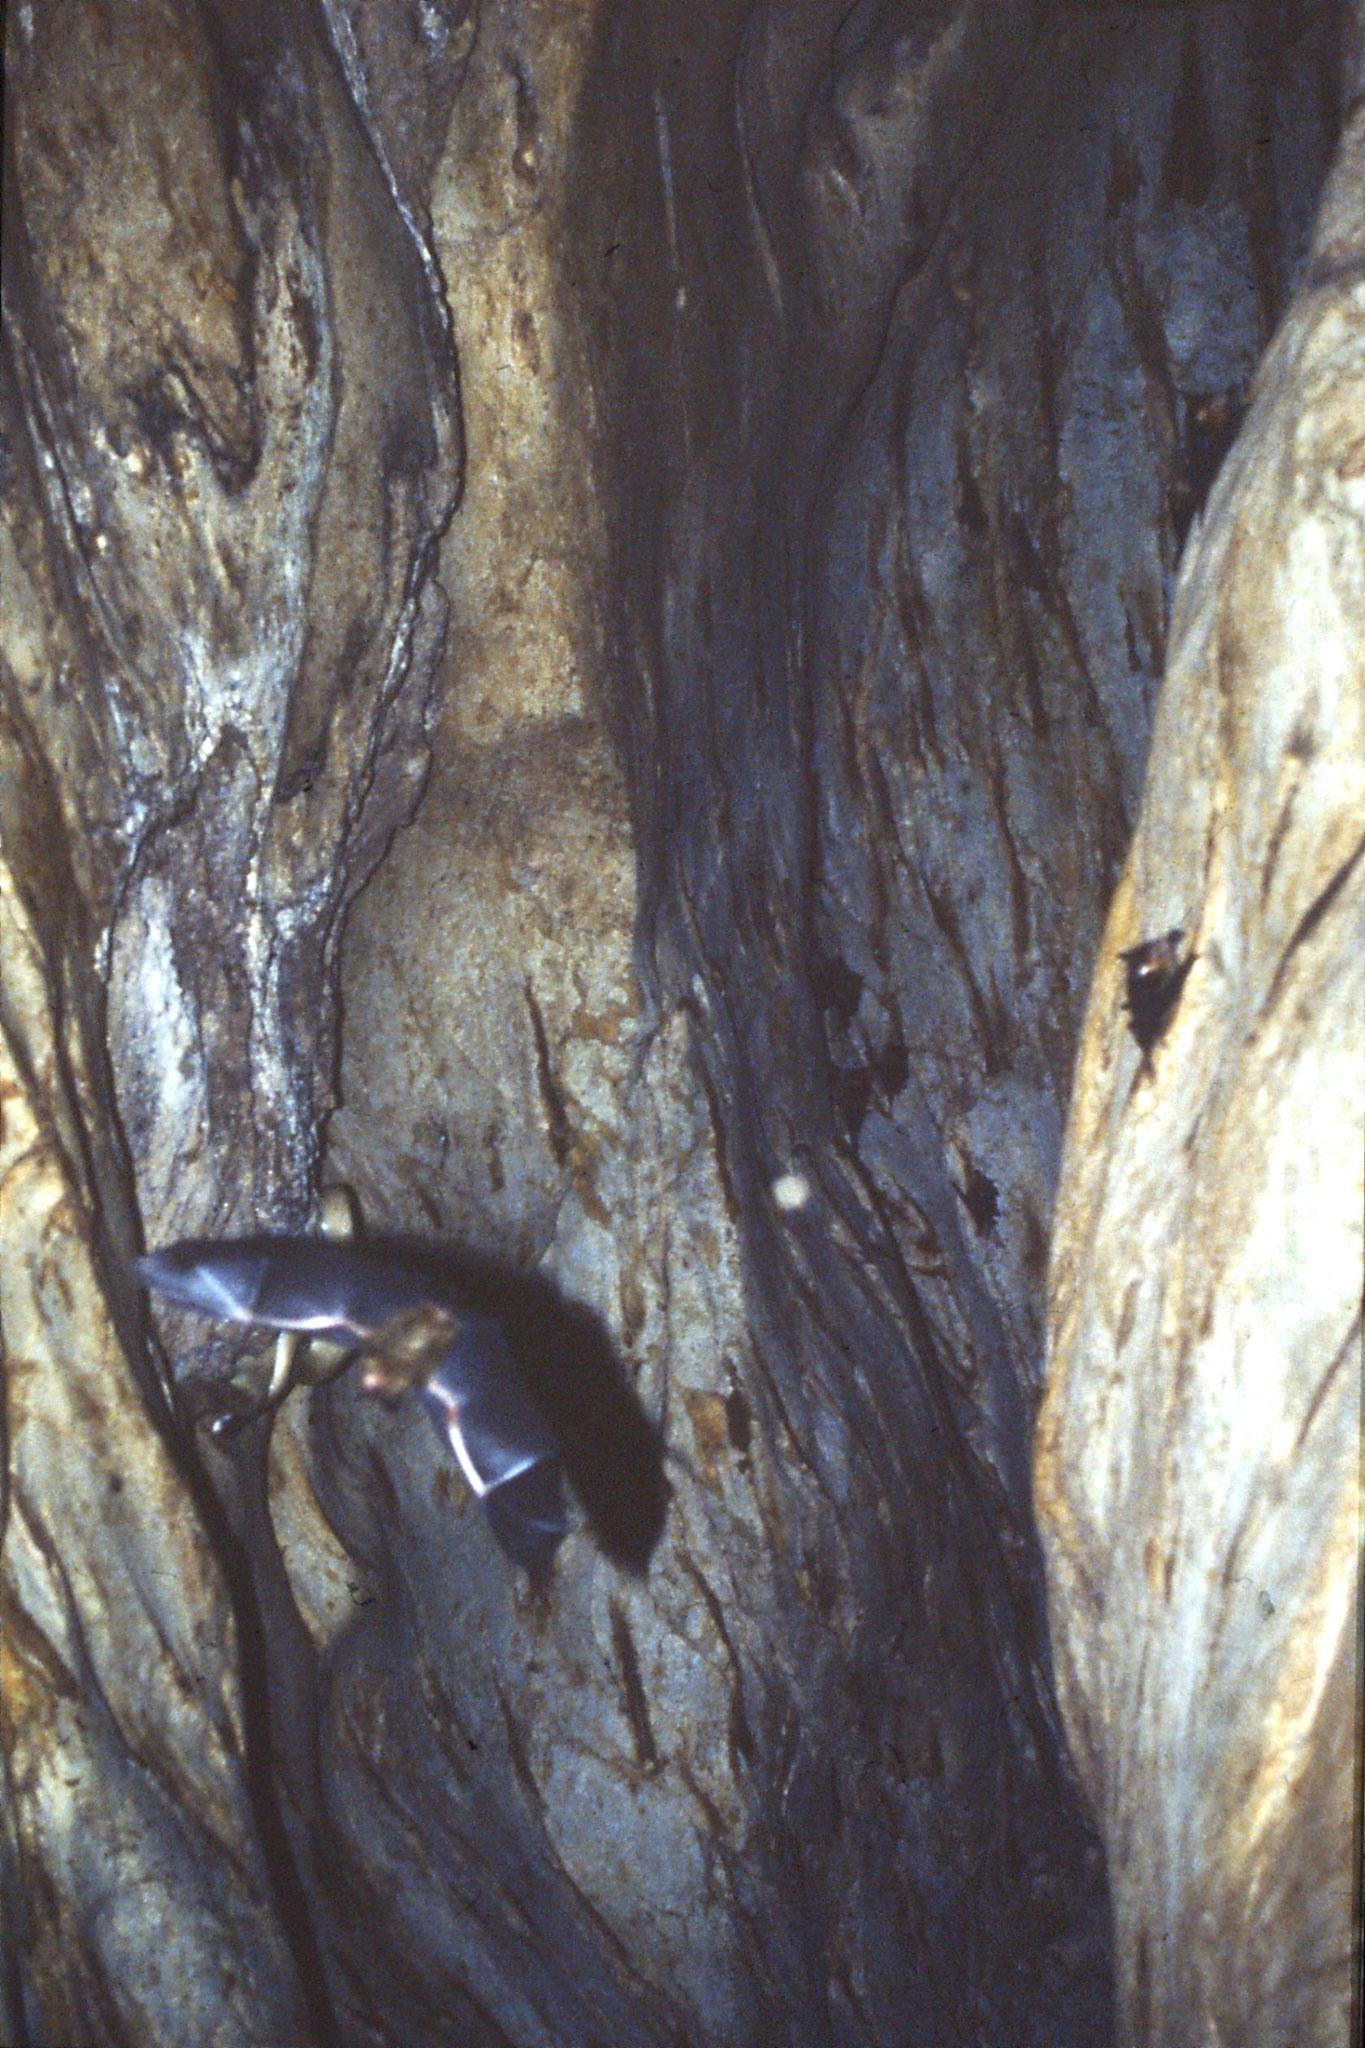 26/6/1990: 19: Tamen Negara bat cave